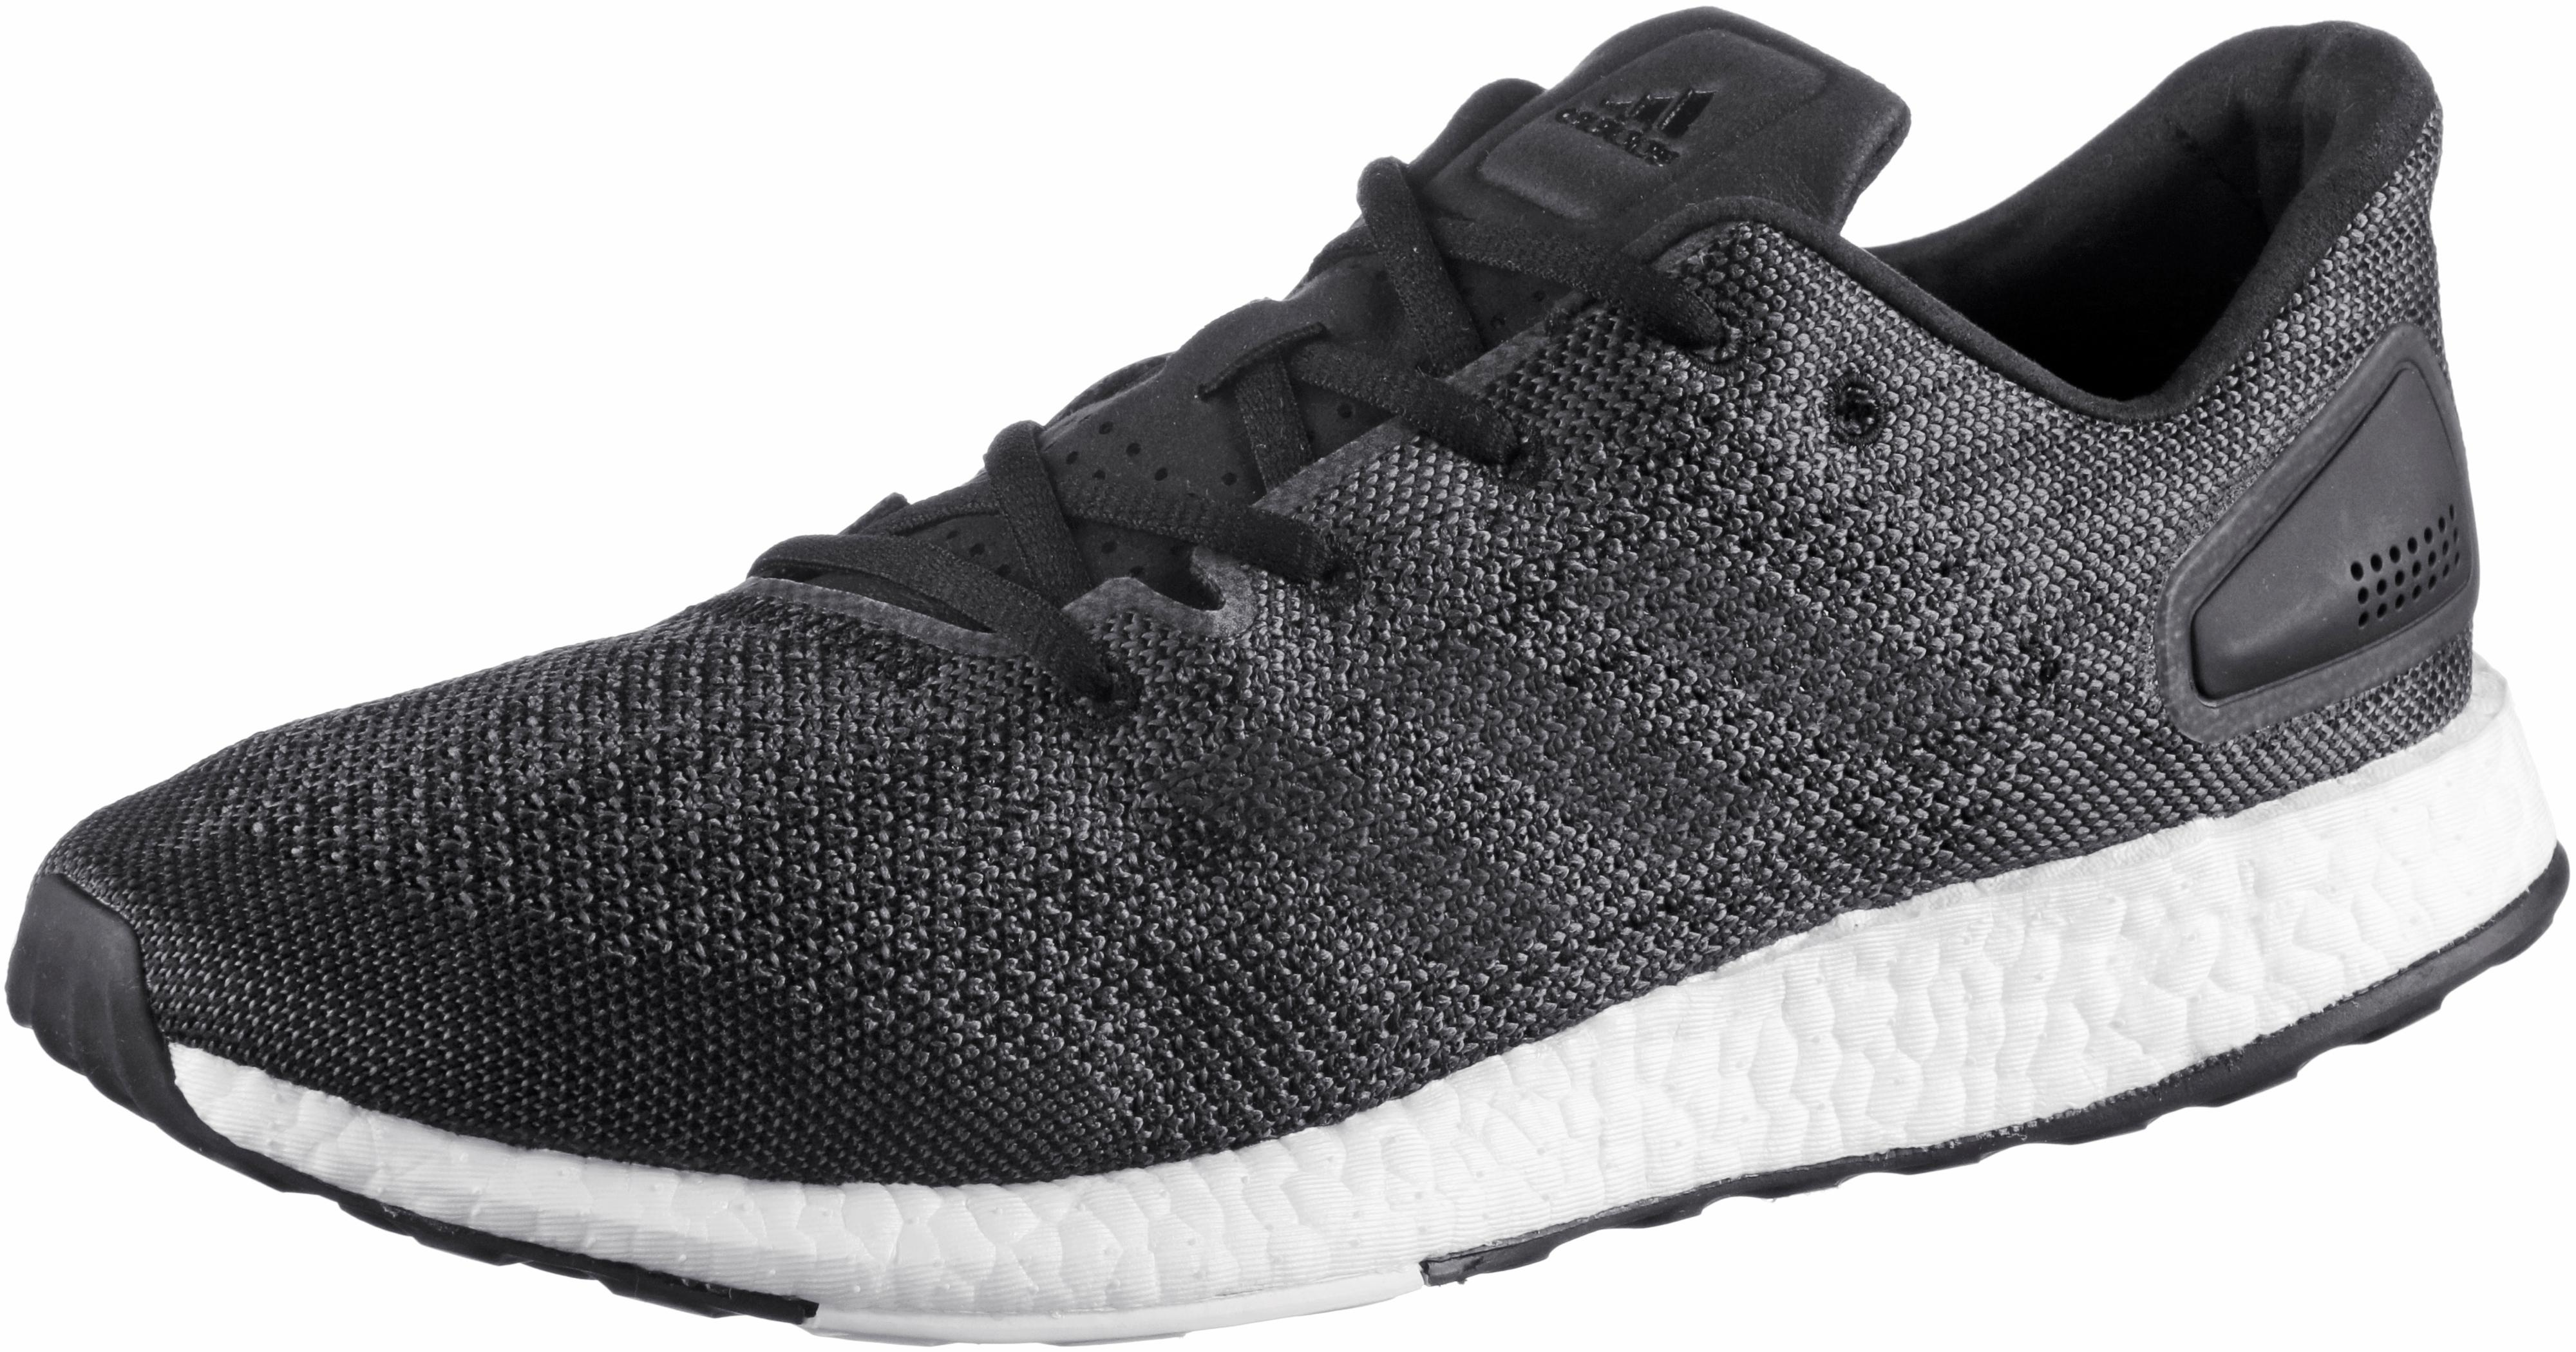 Adidas PureBoost DPR Laufschuhe Herren Herren Herren dgh solid grau im Online Shop von SportScheck kaufen Gute Qualität beliebte Schuhe 04e07b